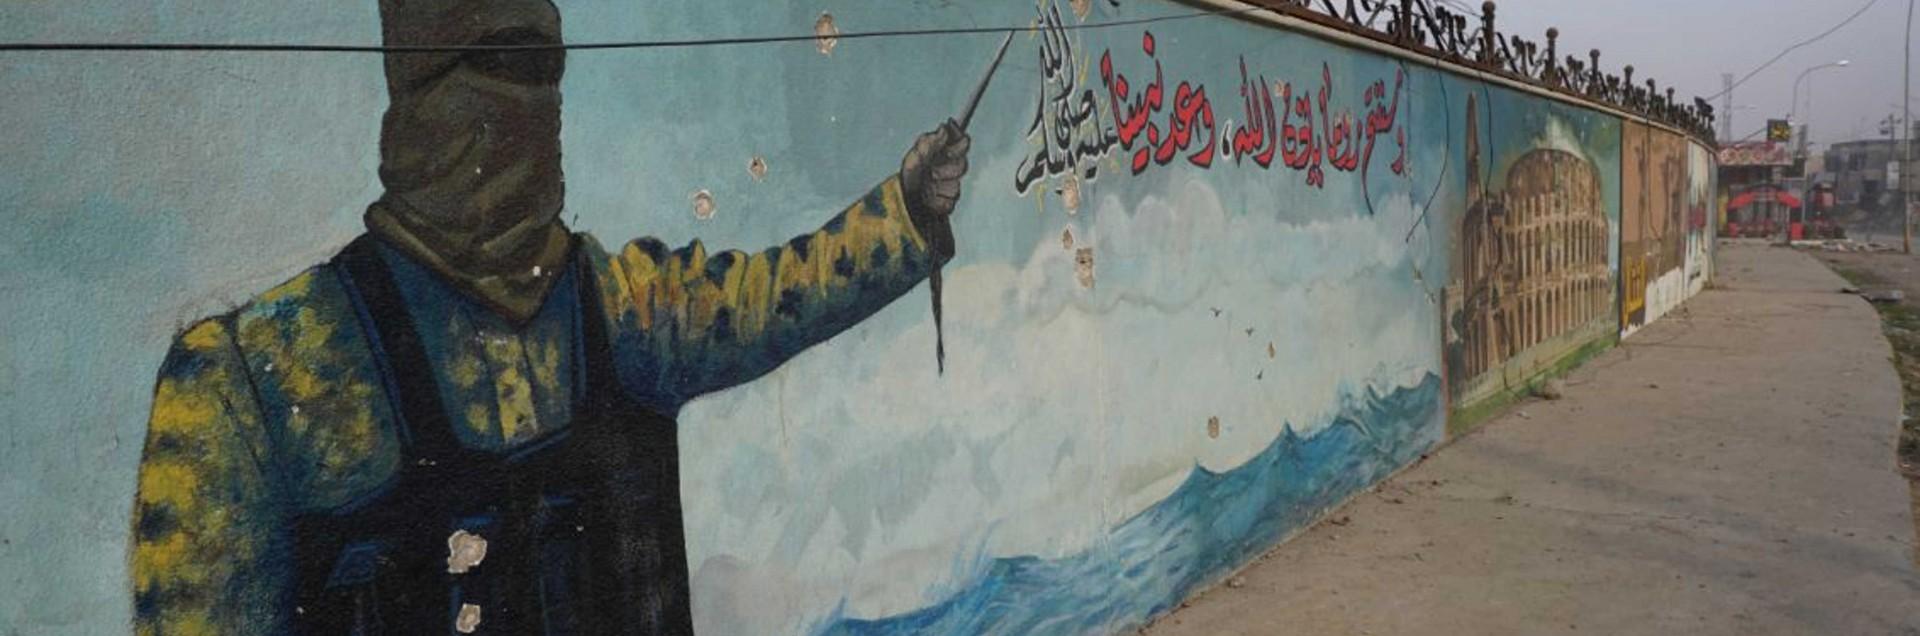 La propaganda del Califfato